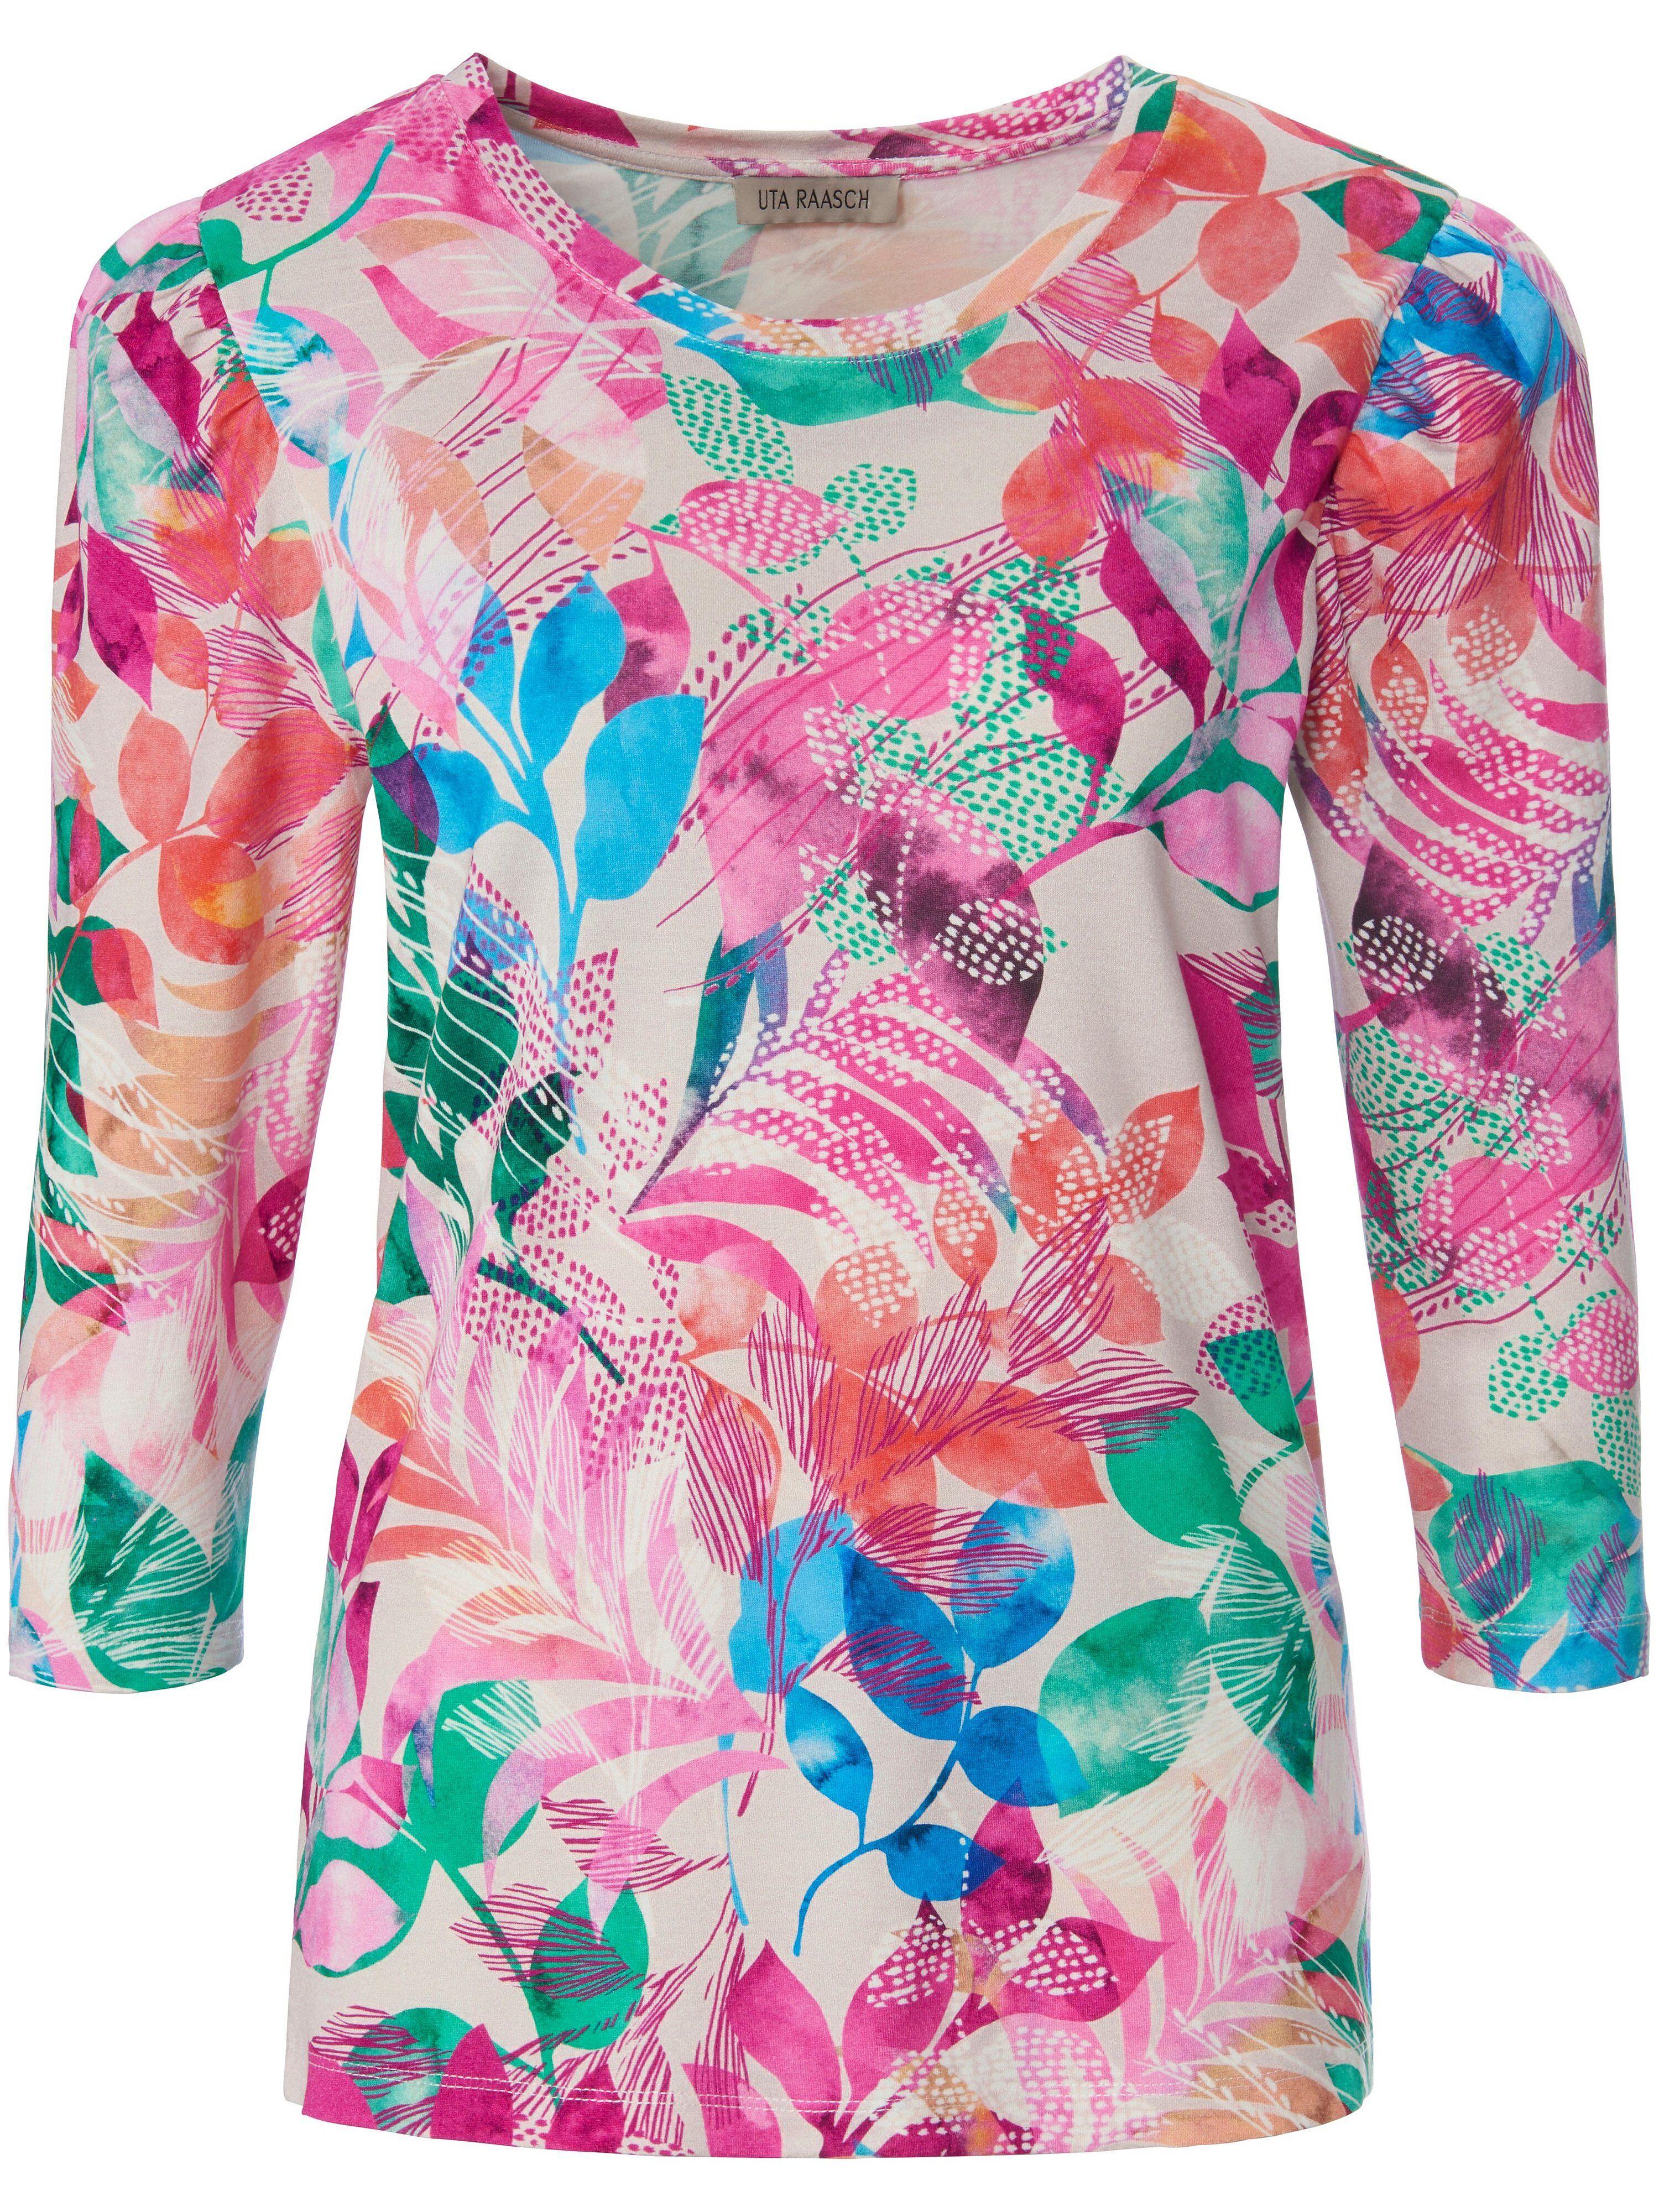 Uta Raasch Le T-shirt avec encolure ronde et manches 3/4  Uta Raasch multicolore  - Femme - 40